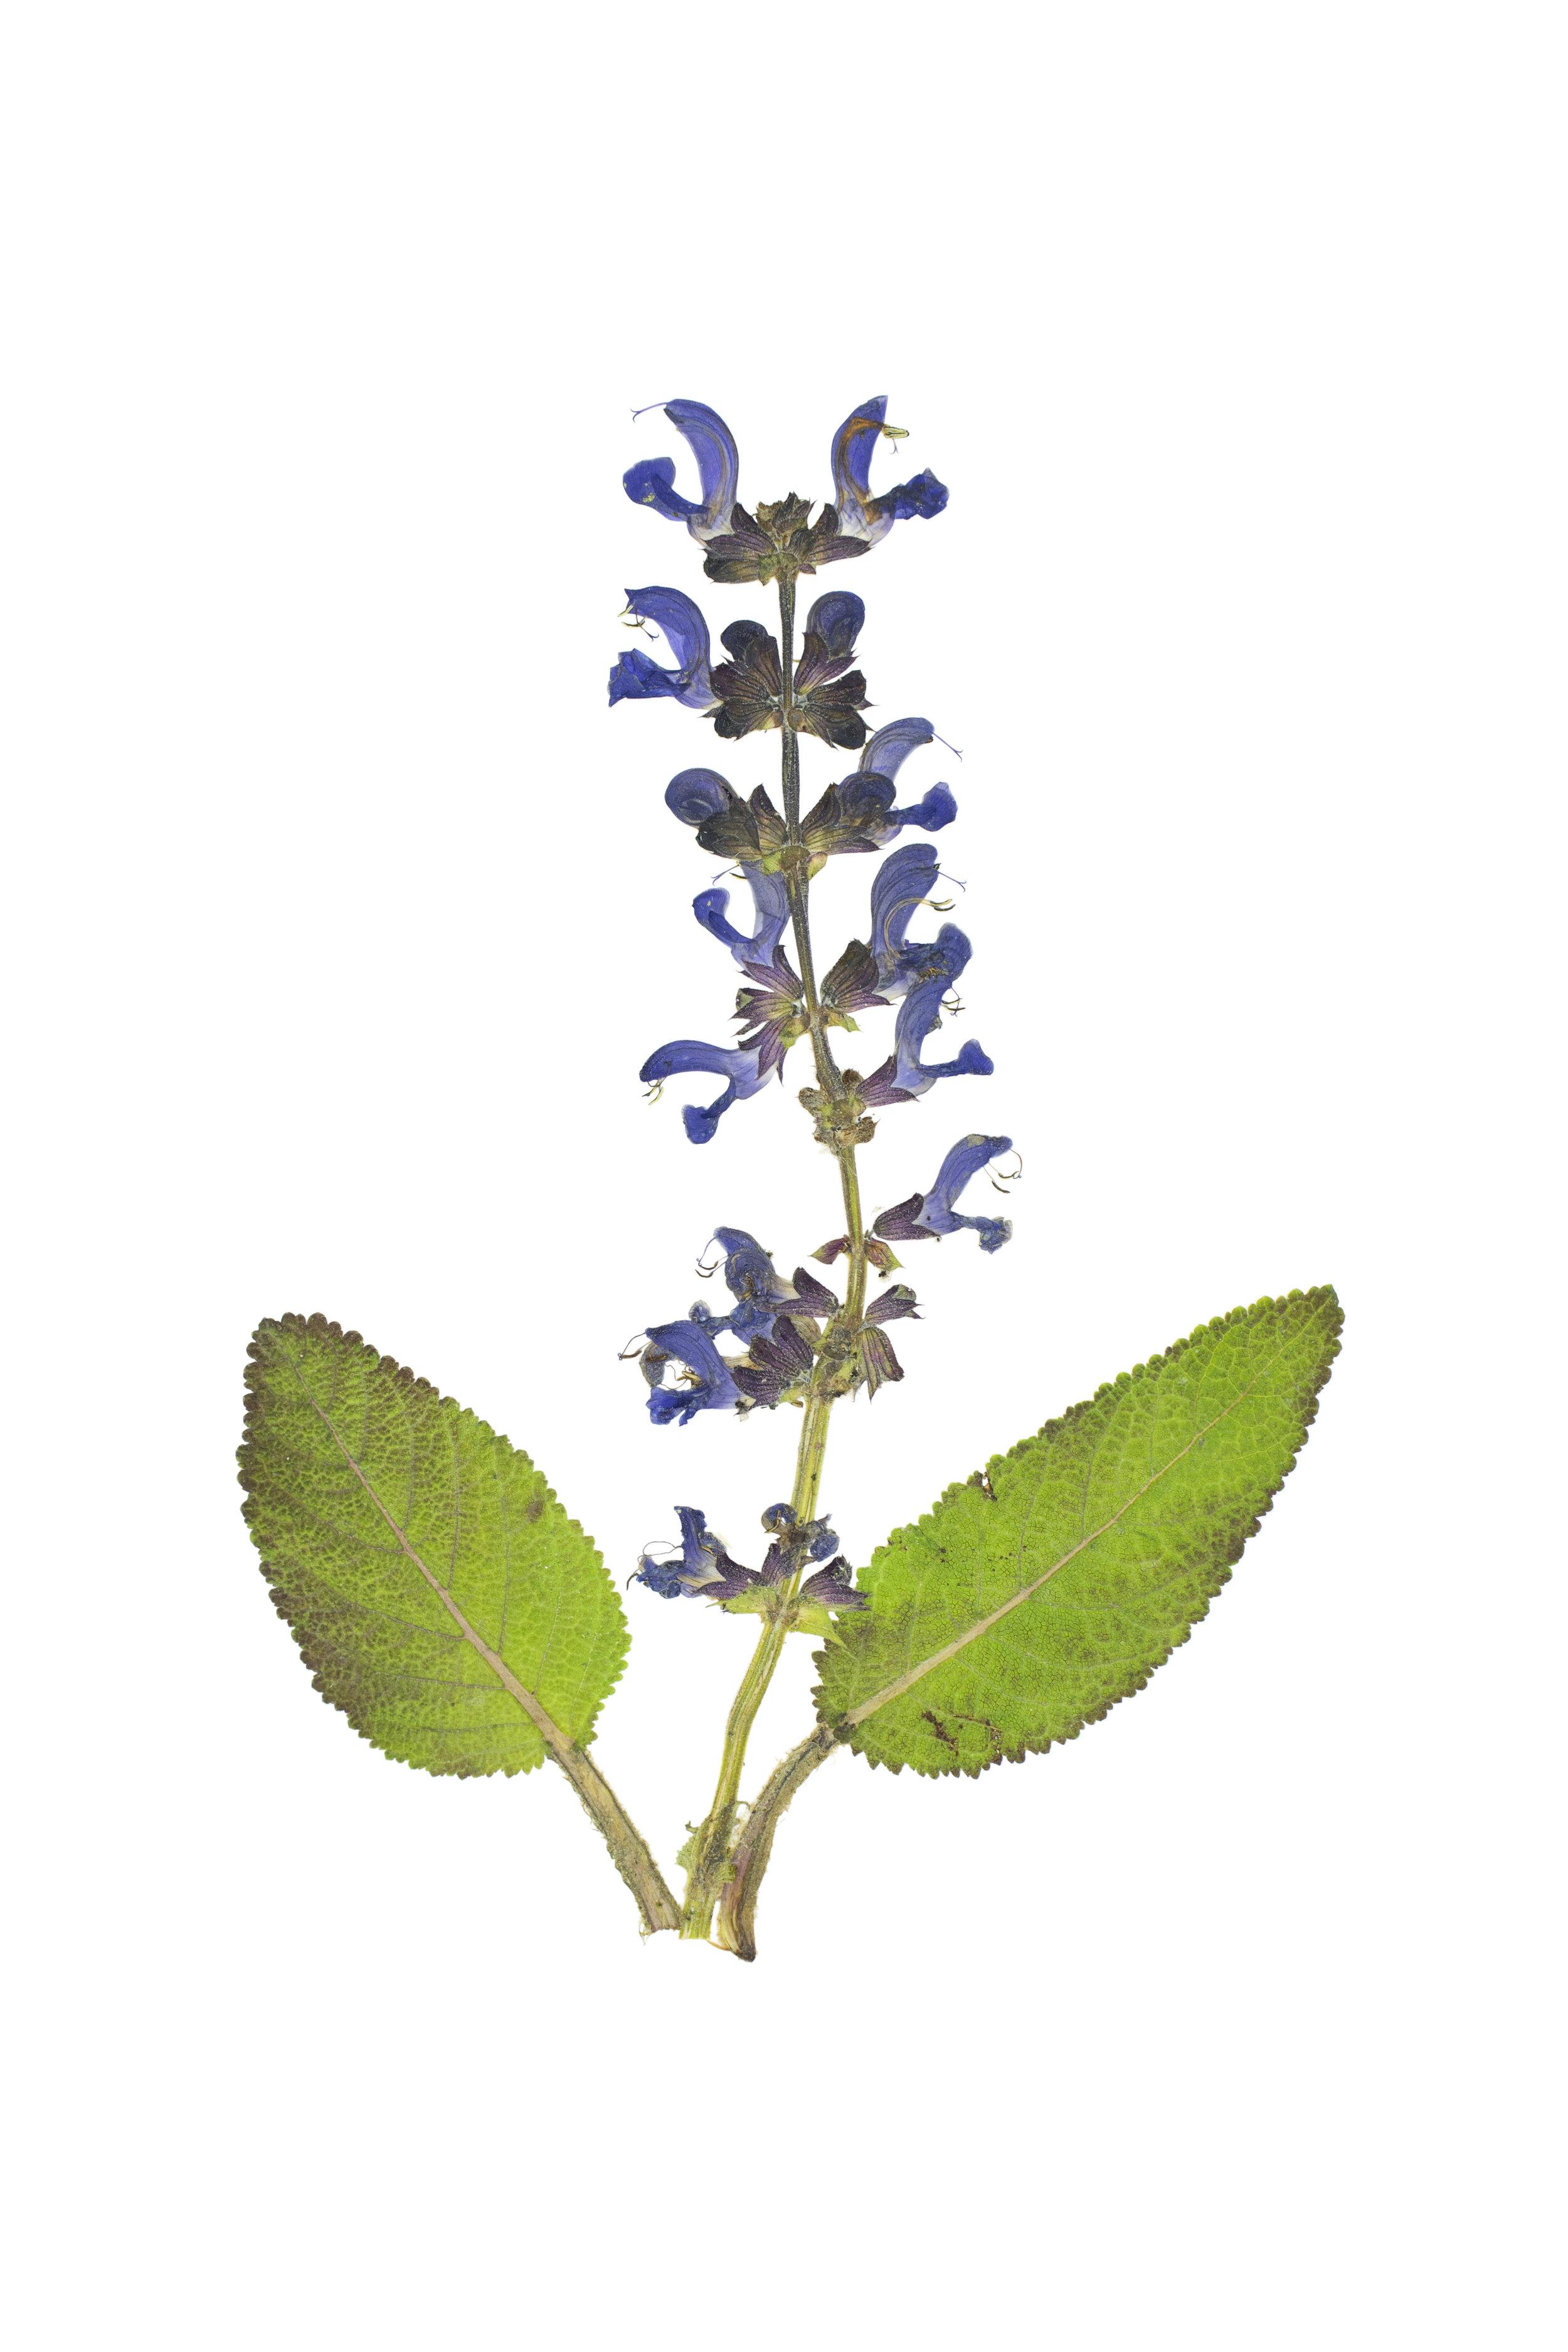 Meadow Clary / Salvia pratensis